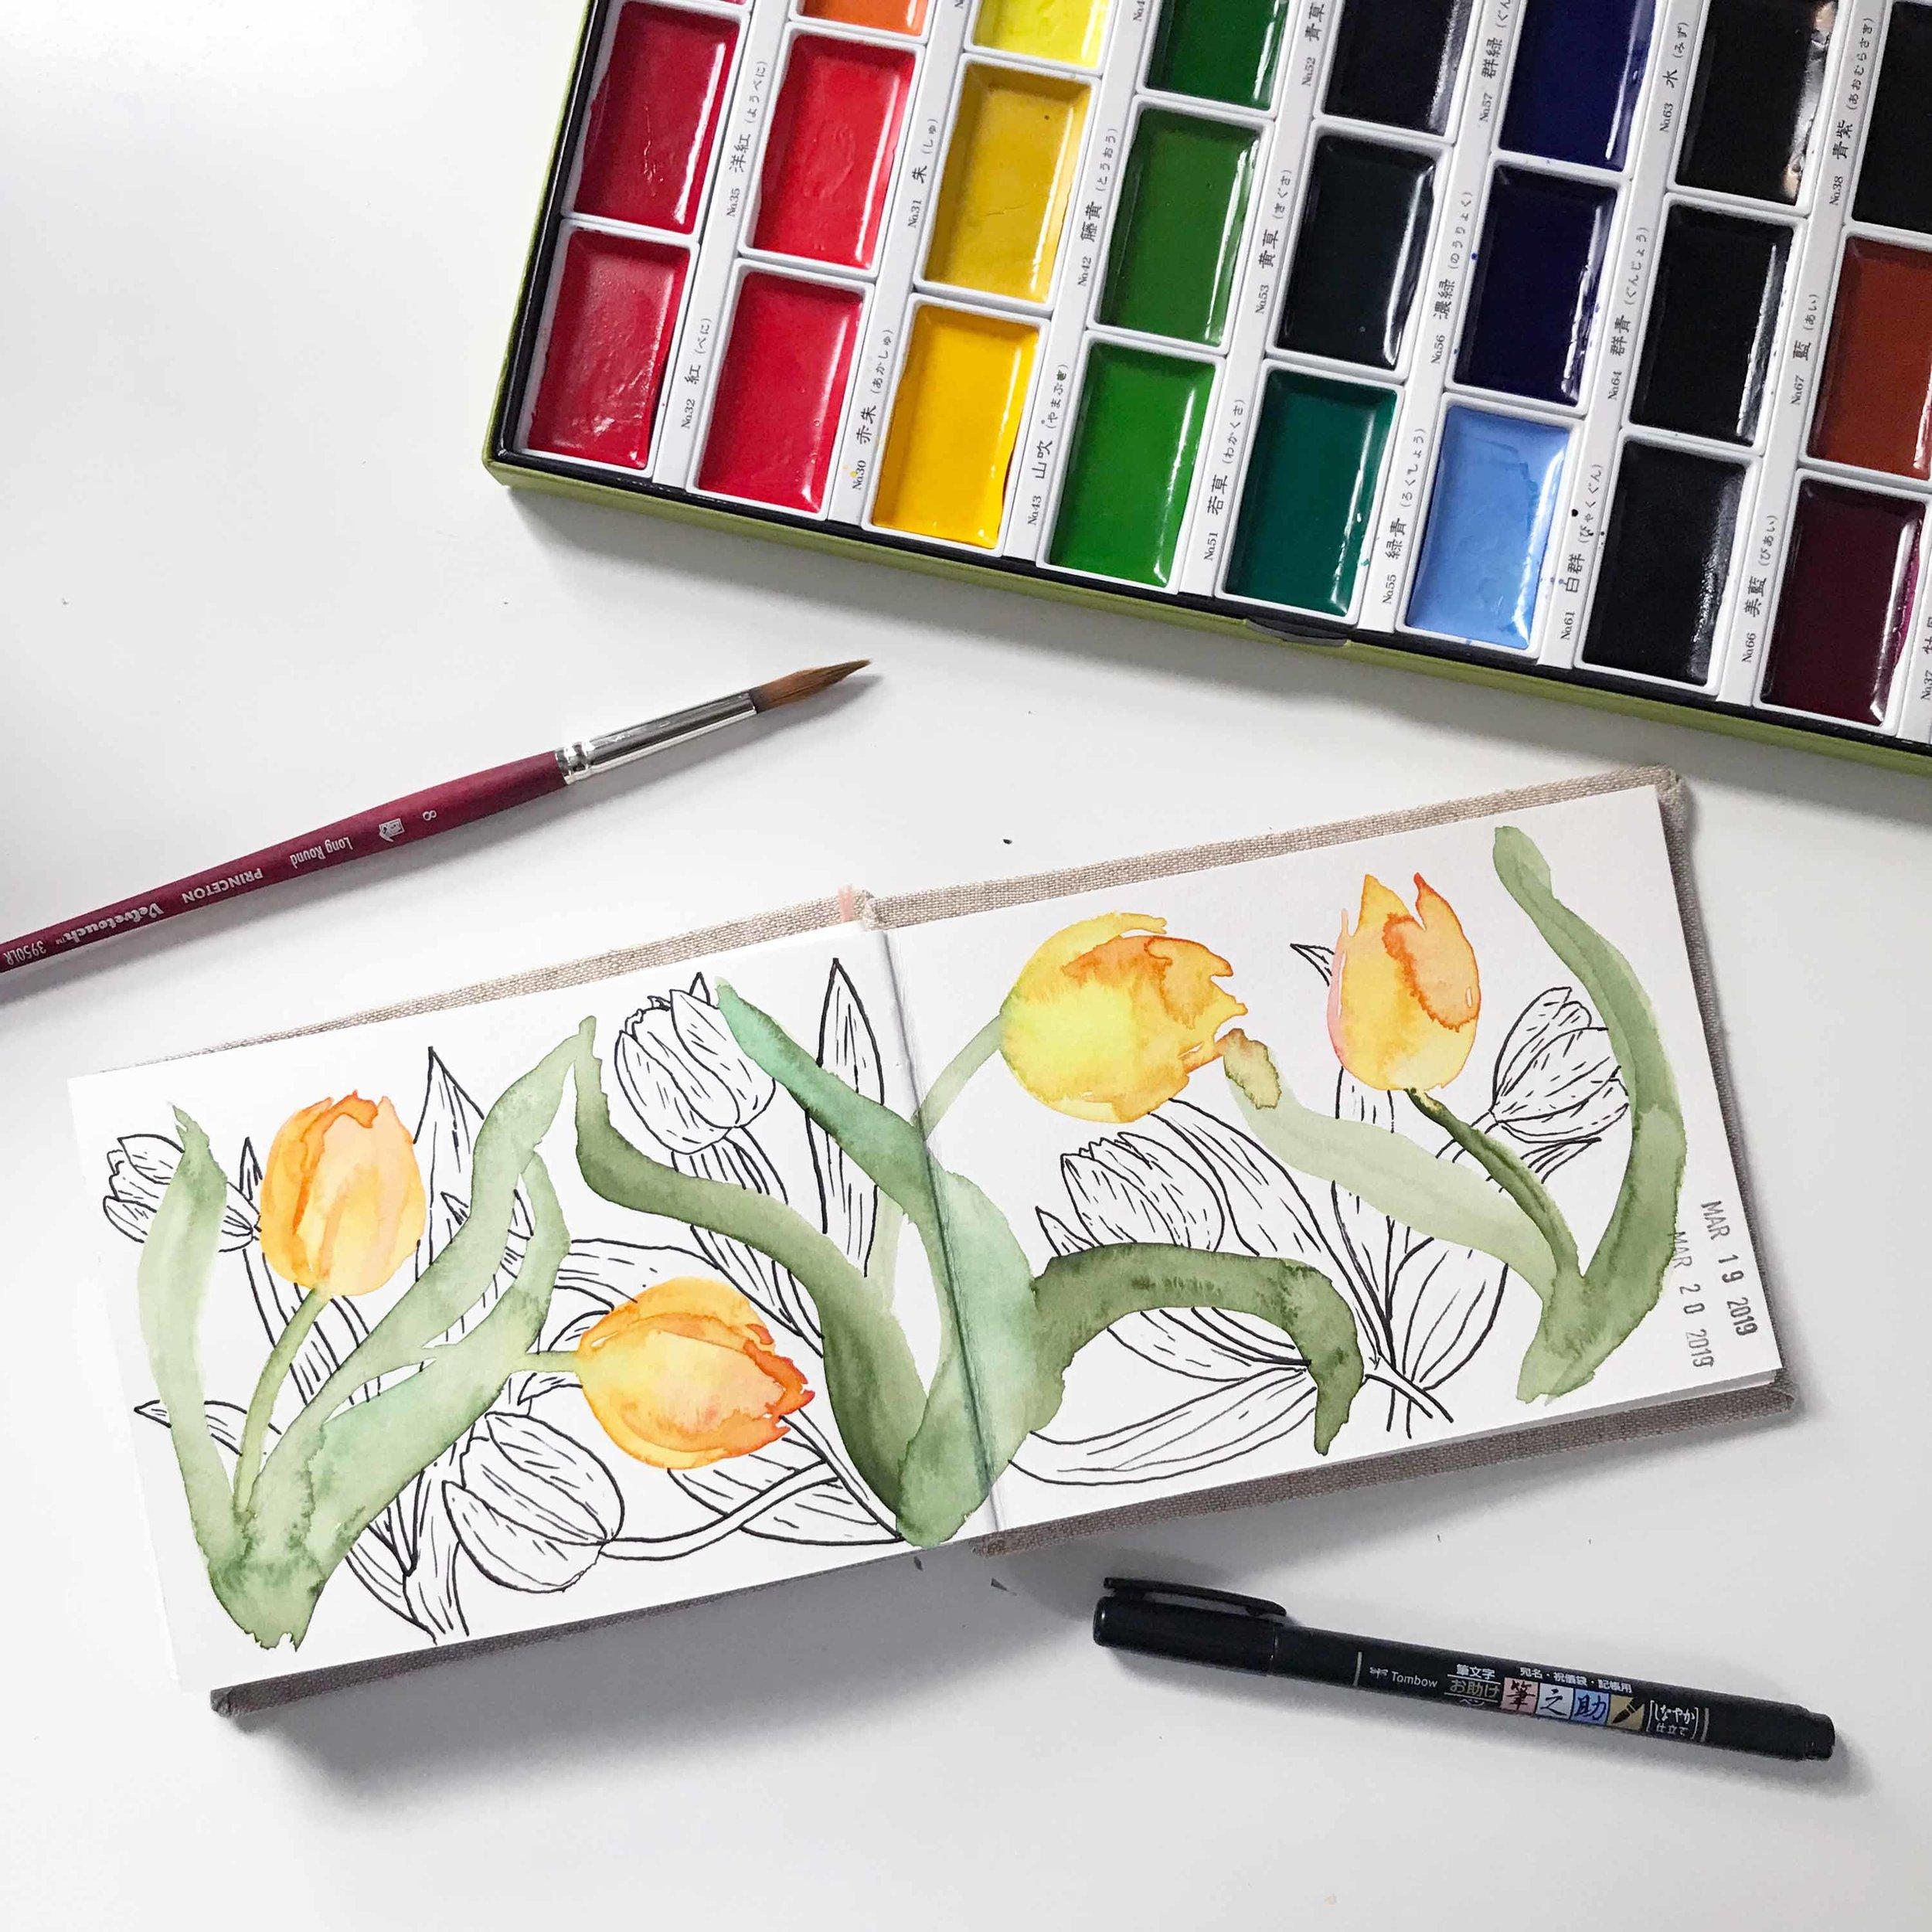 Using Kuretake Watercolors in My Sketchbook